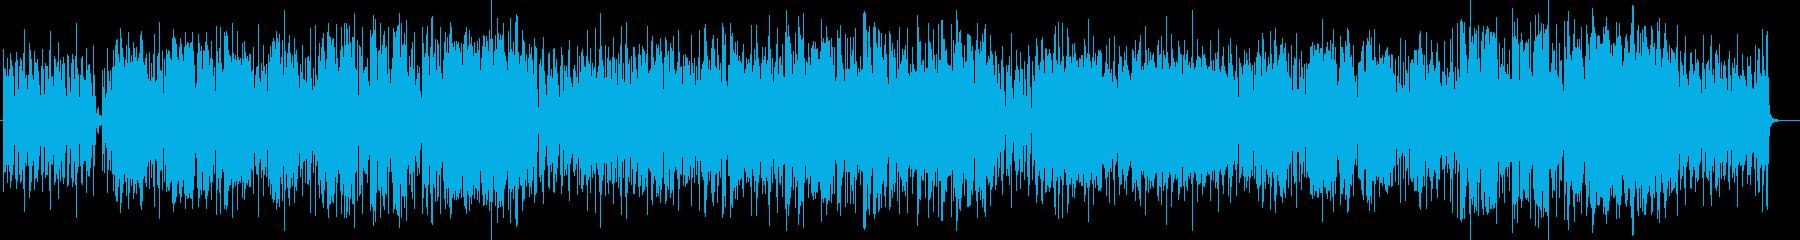 明るく楽しげなシンセサイザーピアノ曲の再生済みの波形